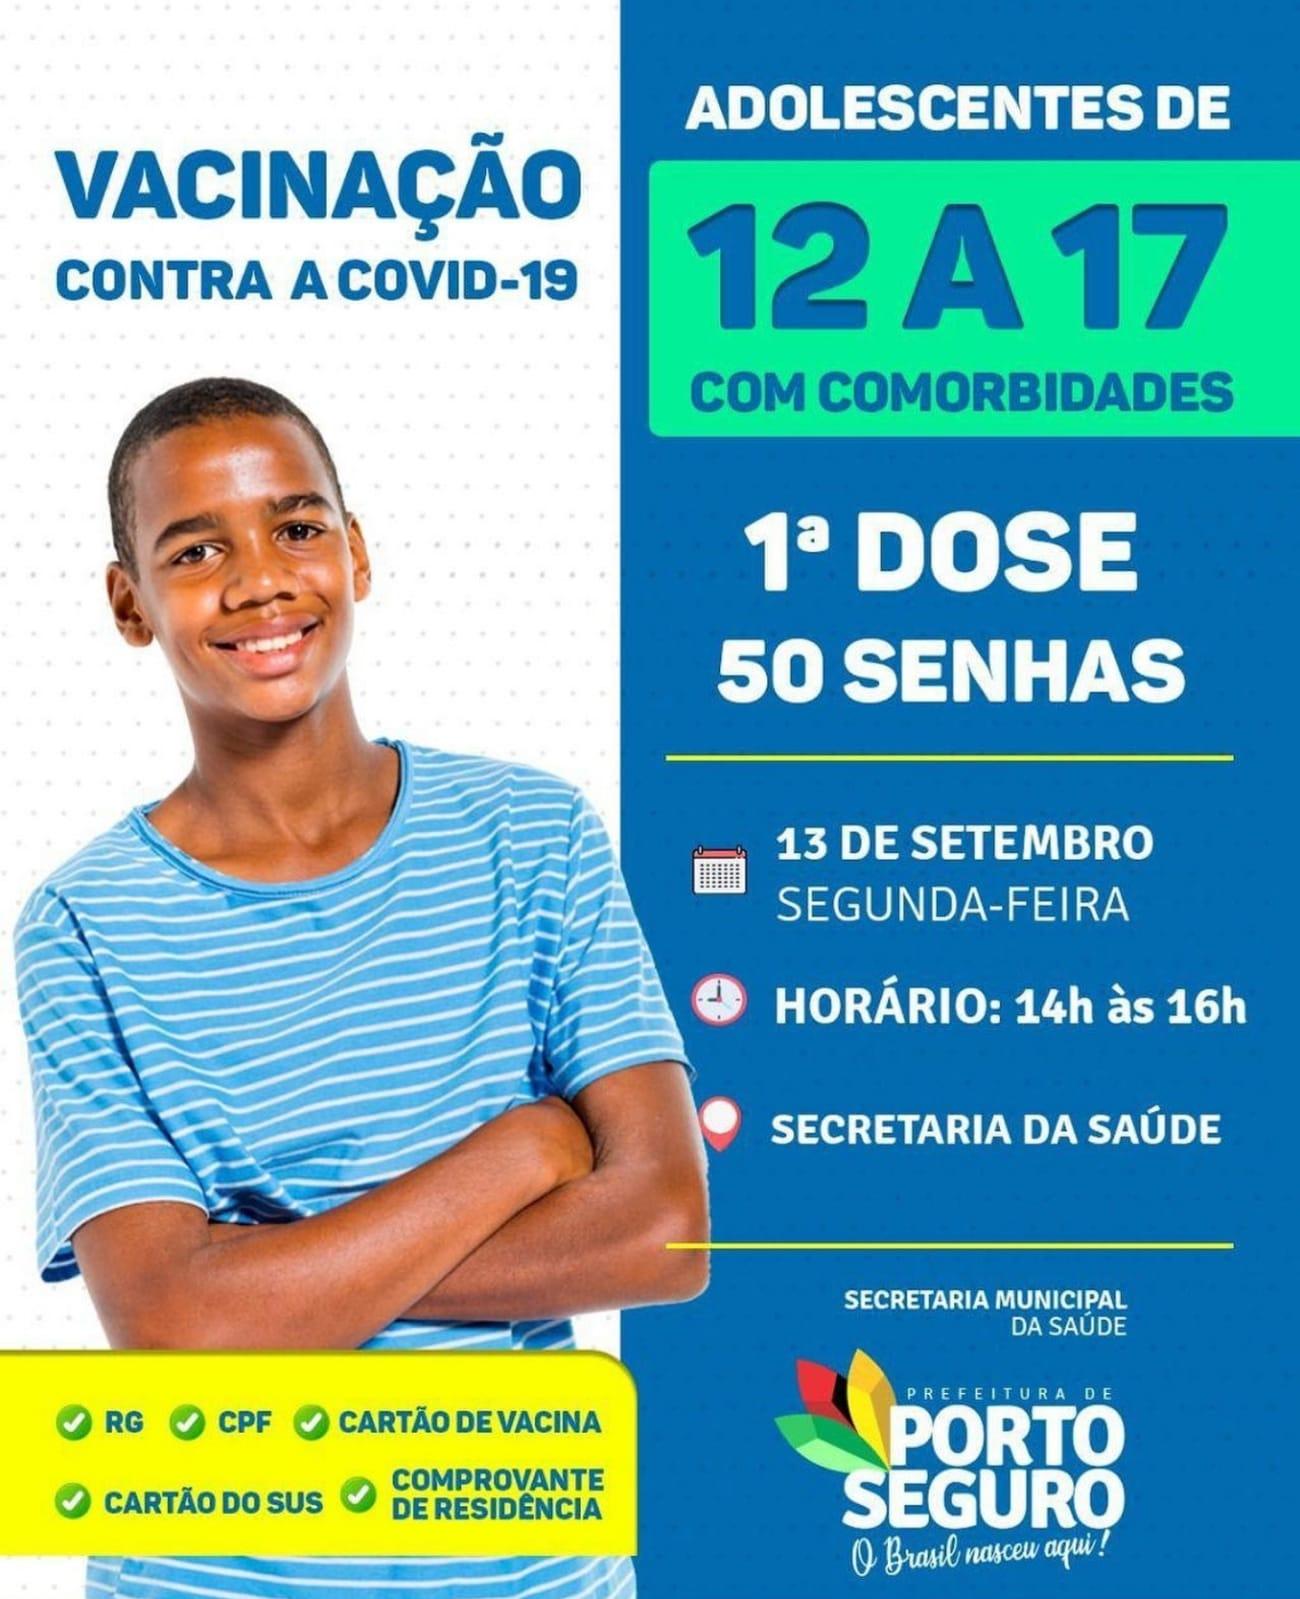 Porto Seguro: Cronograma de Vacinação contra a Covid-19 (13 de SETEMBRO) 22